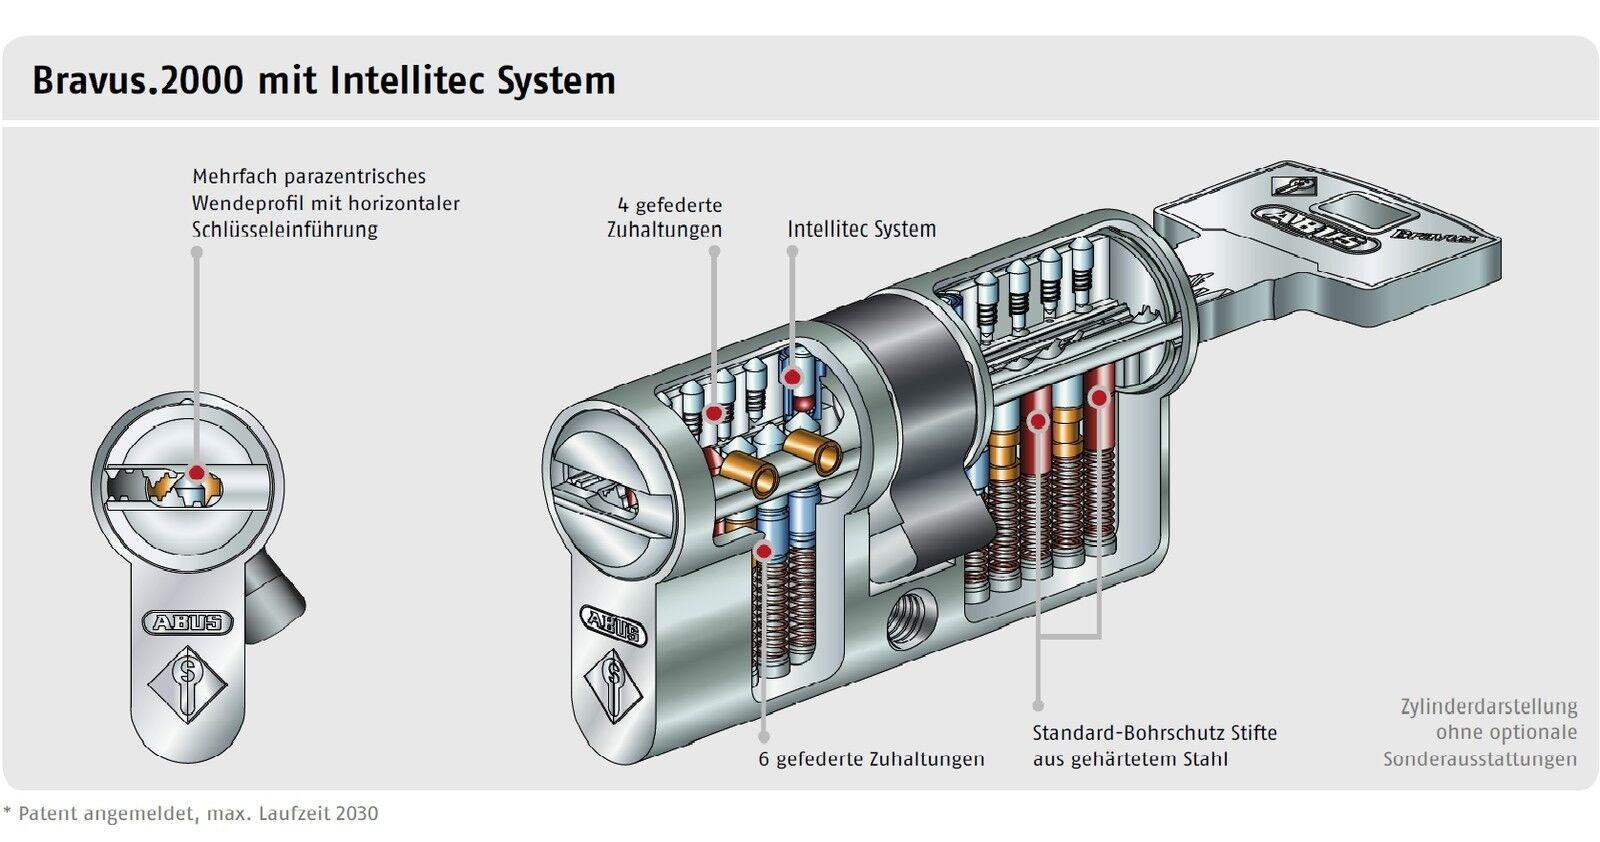 Original ABUS BRAVUS.2000 Zylinder 40-55 B2L410- 40-55 vom ABUS Grünragspartner    Kostengünstig    Neuartiges Design    Elegantes Aussehen    Diversified In Packaging